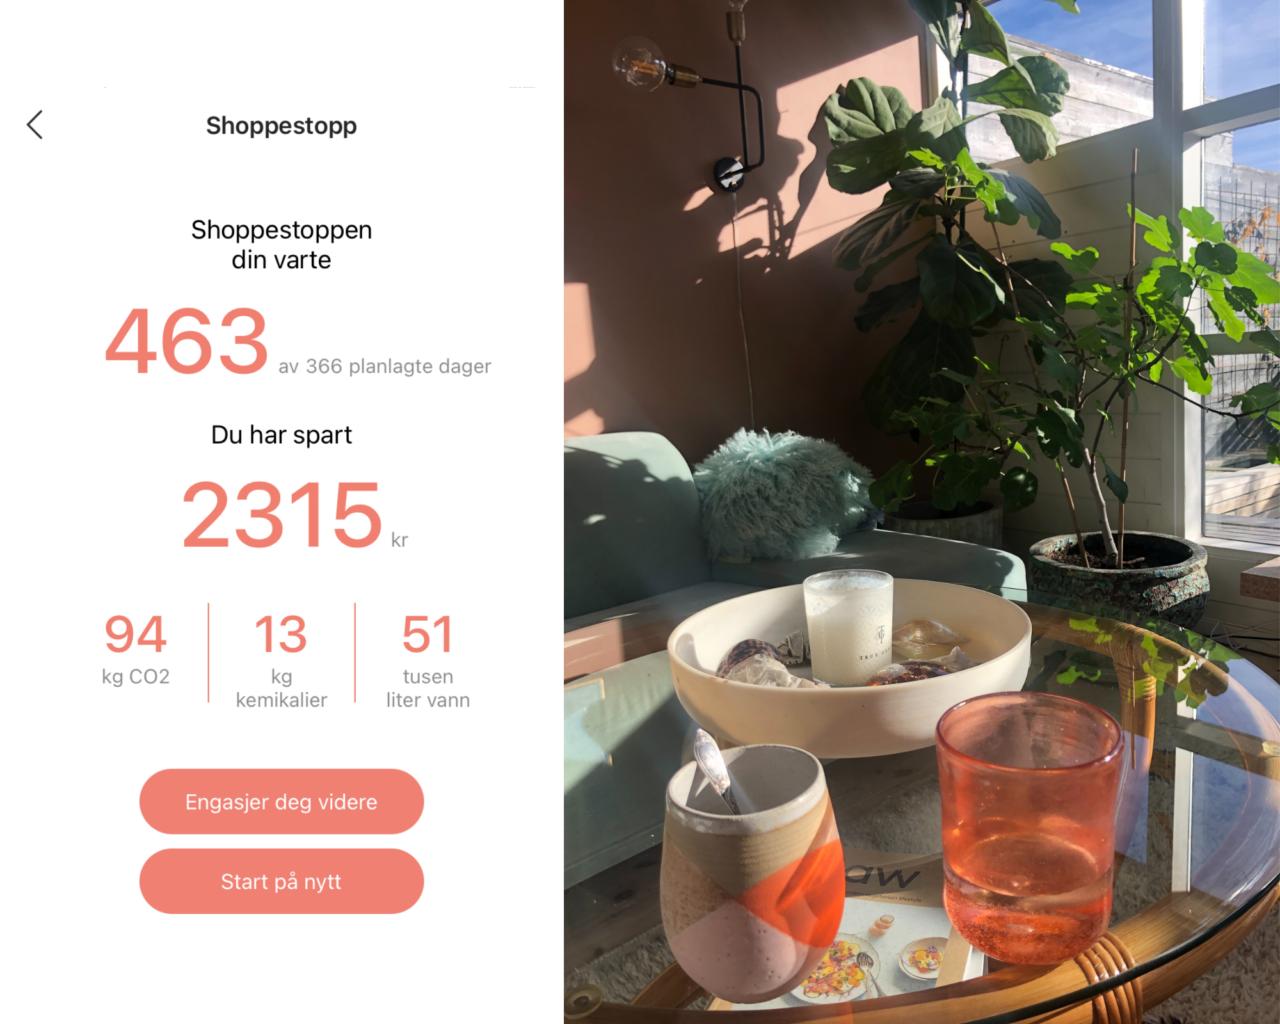 shoppestopp-2020-2021-tise-greenhouse